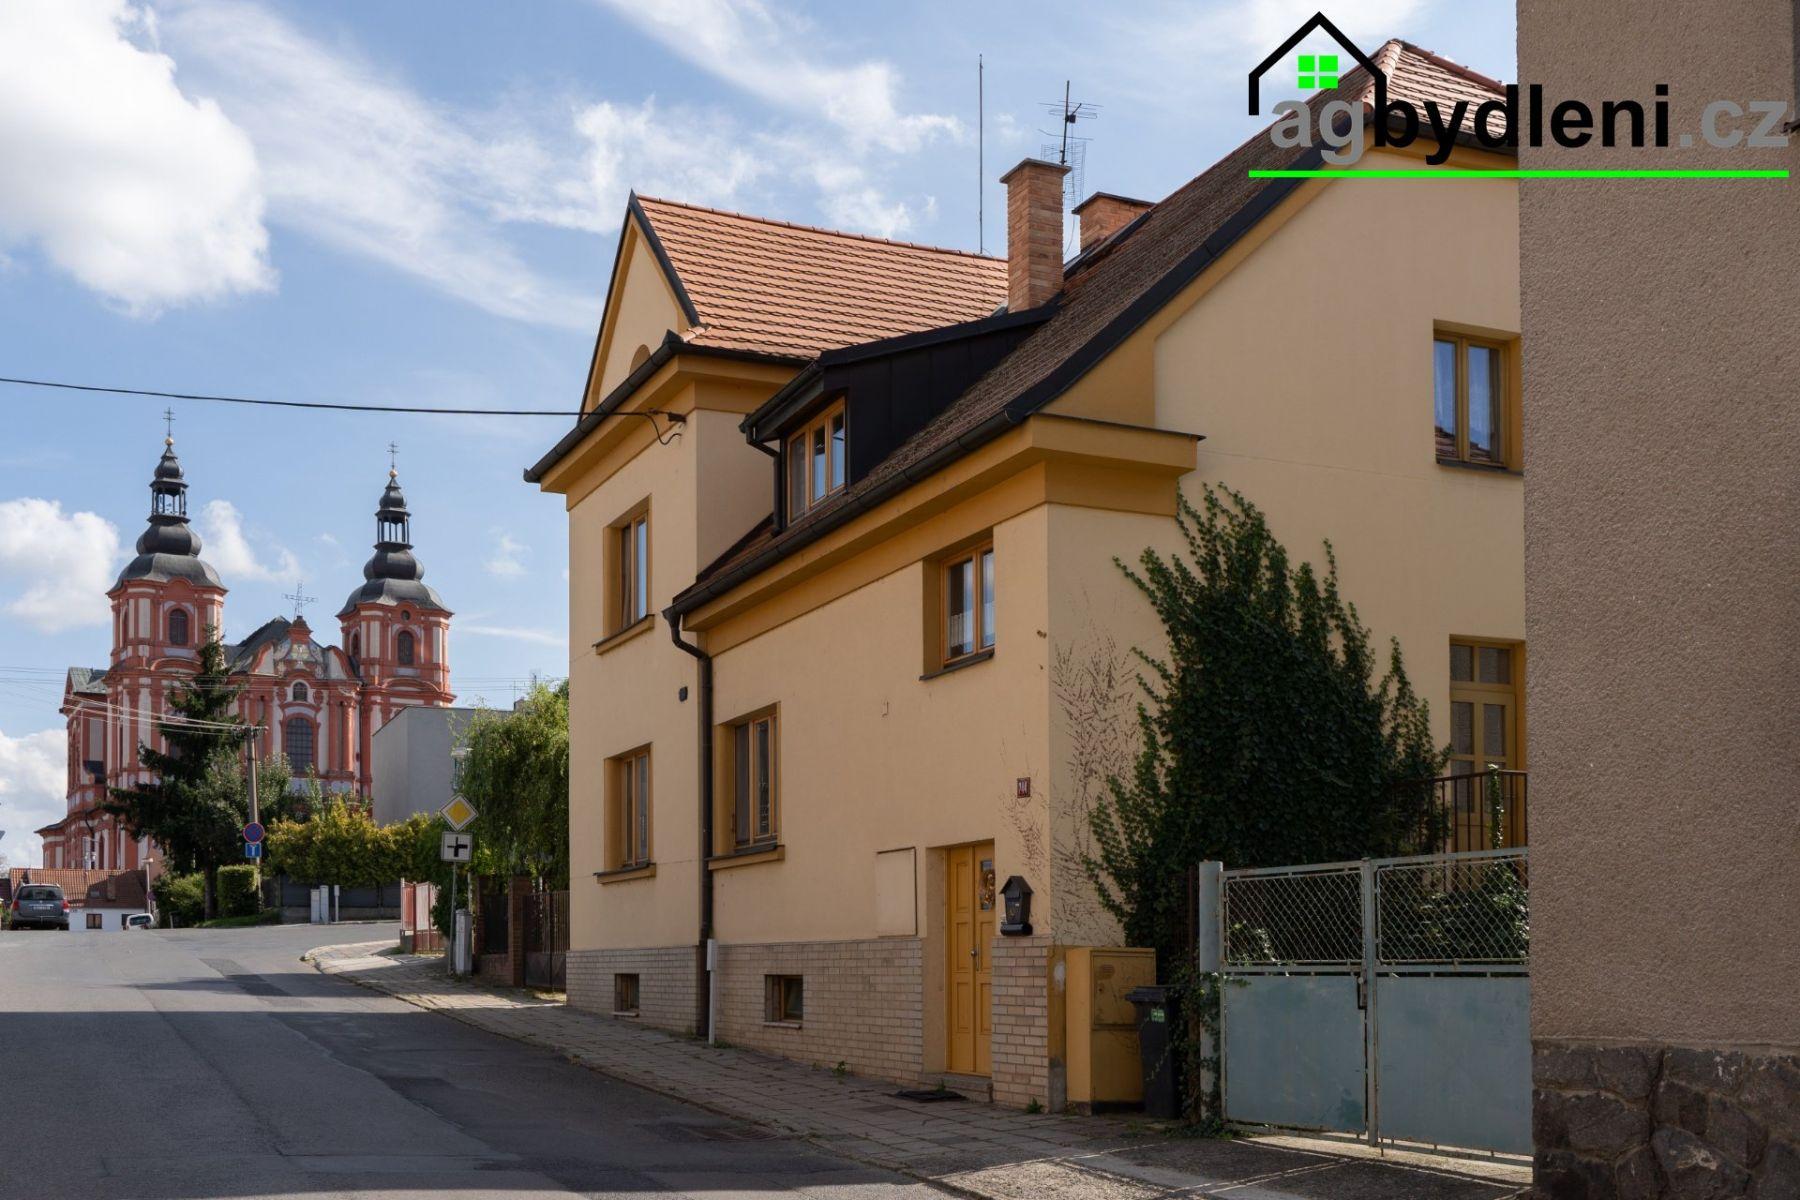 Prodej, Rodinné domy, 212m2 - ul. 5.května, Přeštice, Plzeň-jih